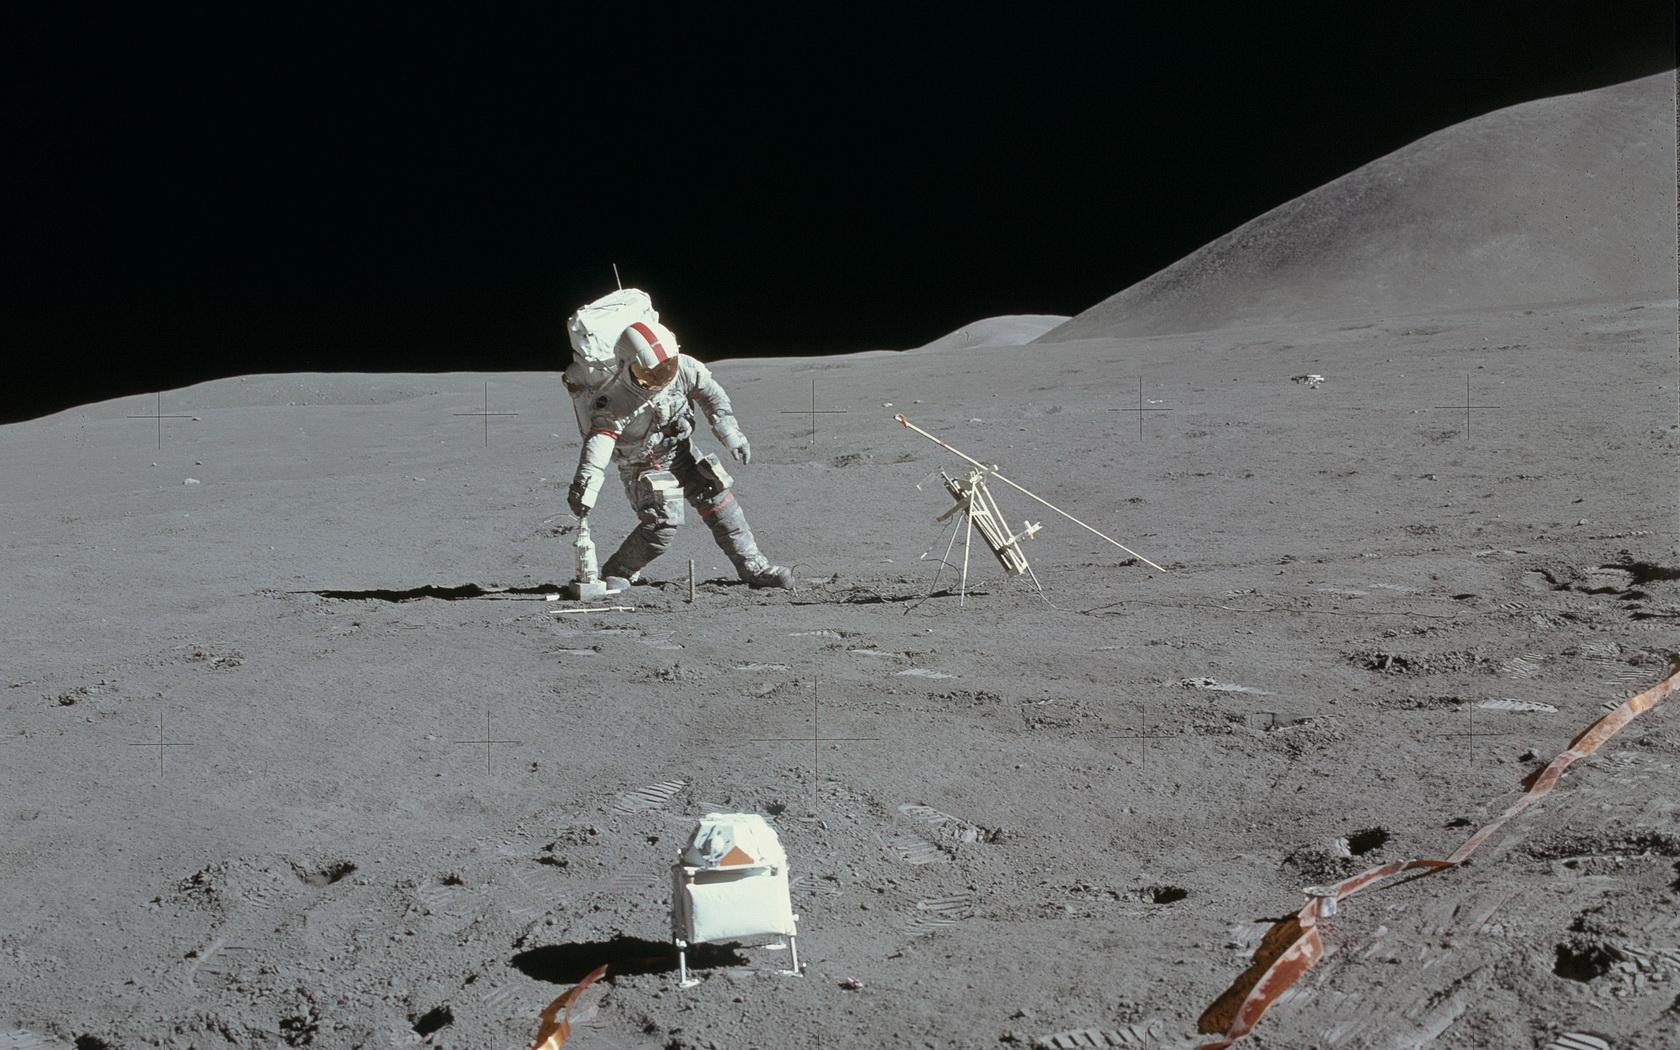 astronaut on moon wallpaper - photo #13